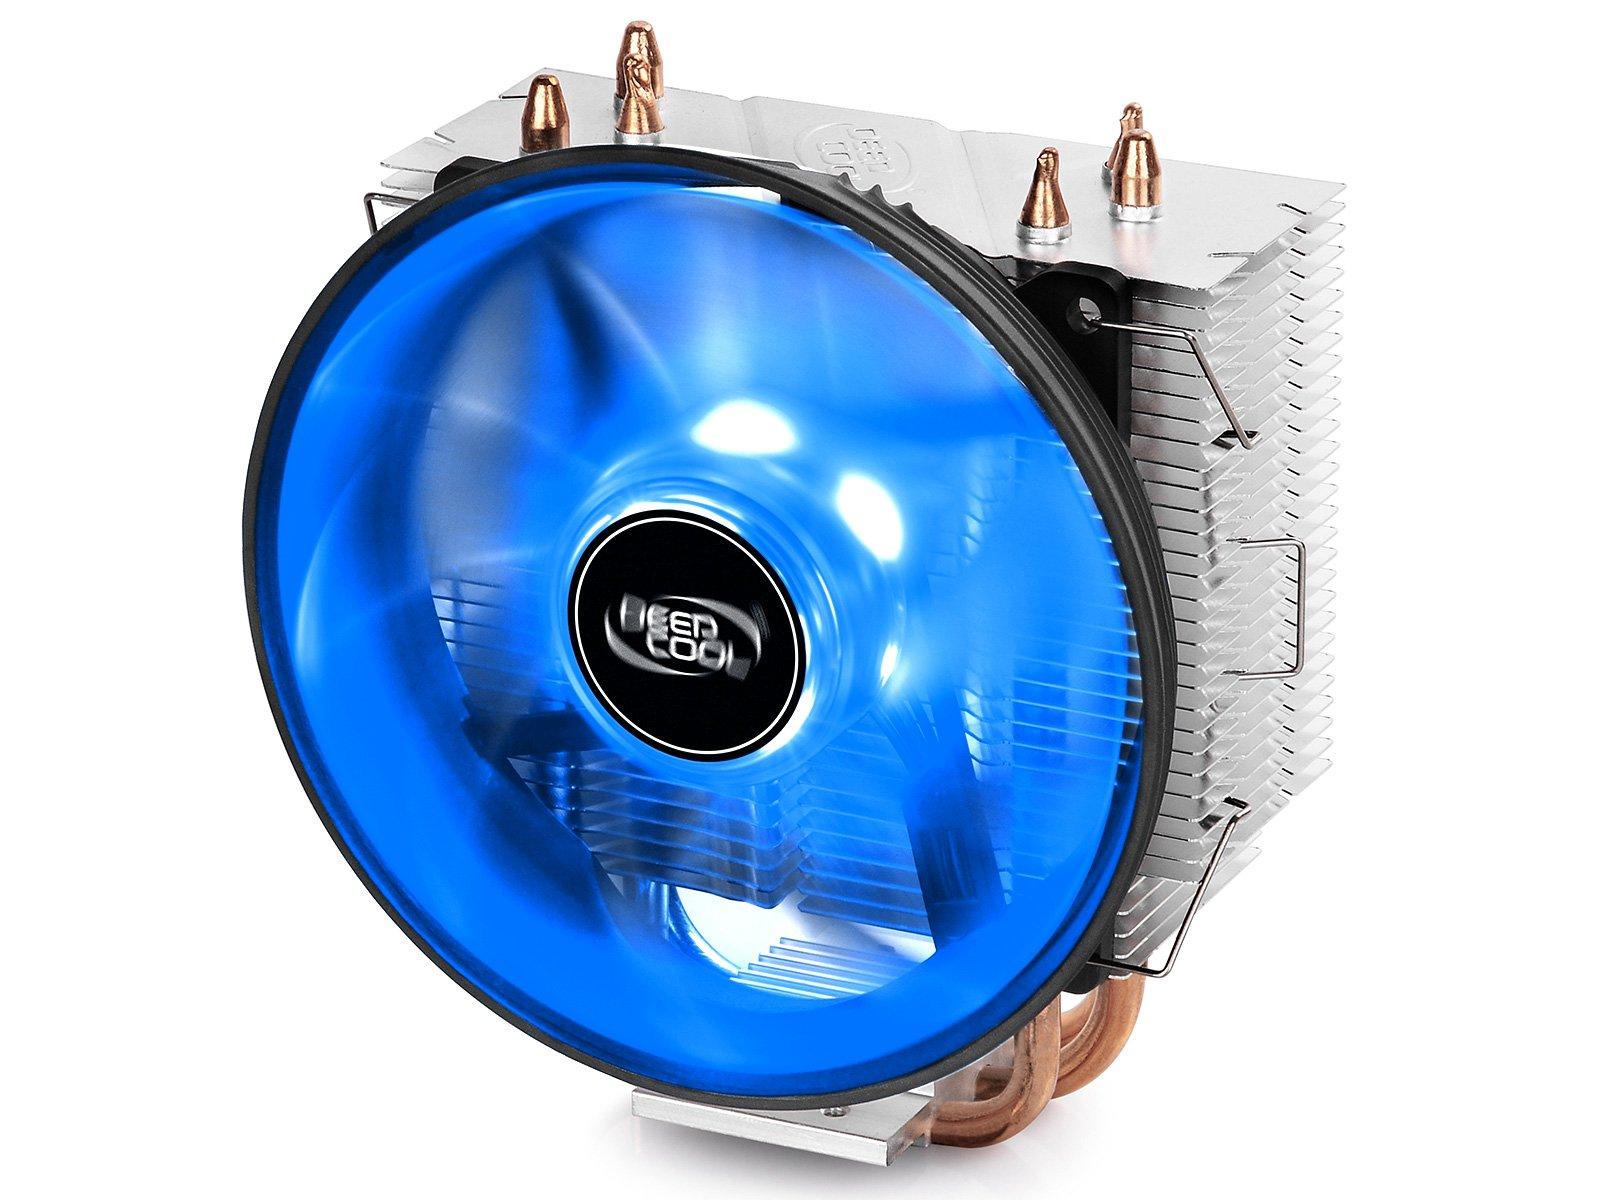 Ψύκτρα CPU Gammaxx 300B Blue Led For Intel/AMD Deepcool DP-MCH3-GMX300-BL image